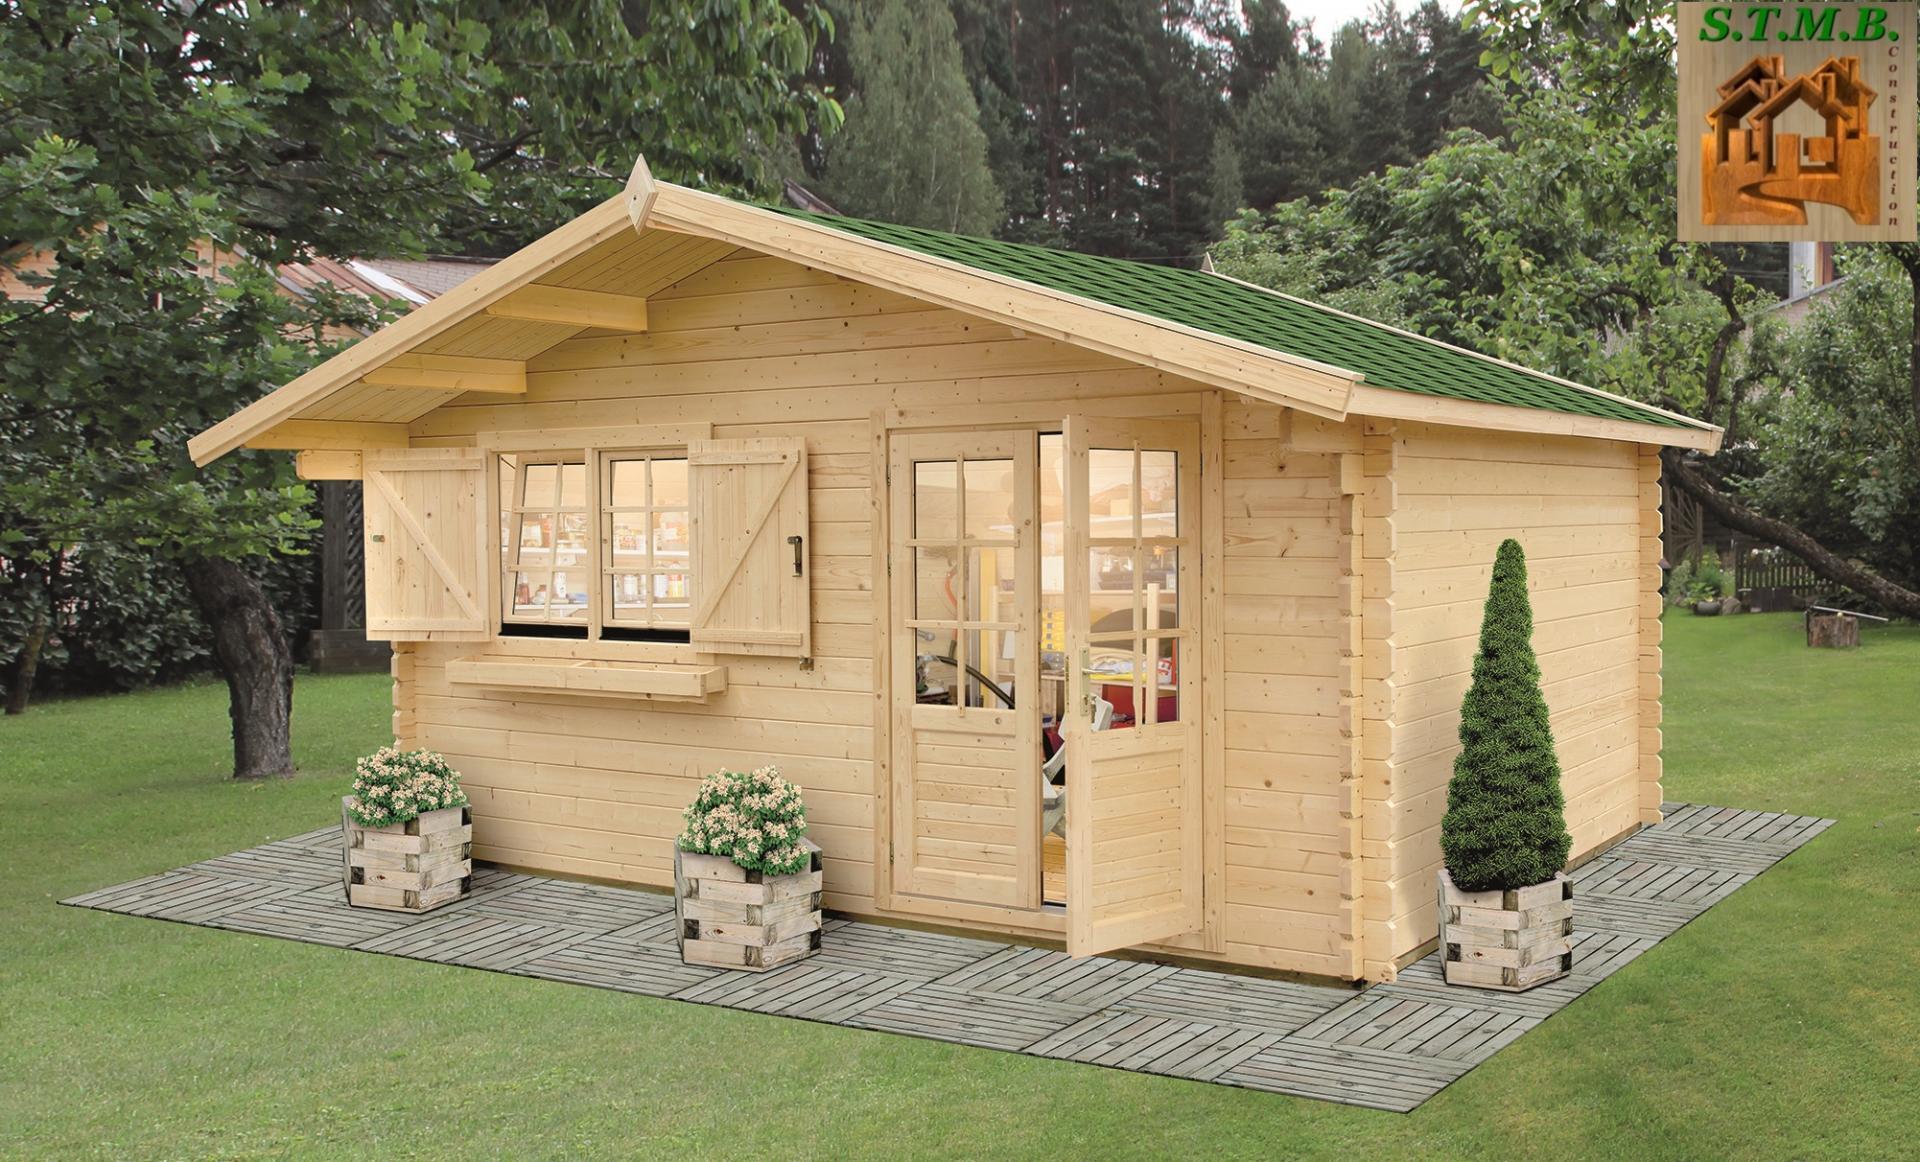 Quelles sont les conditions pour construire un chalet en bois habitable sans permis ?